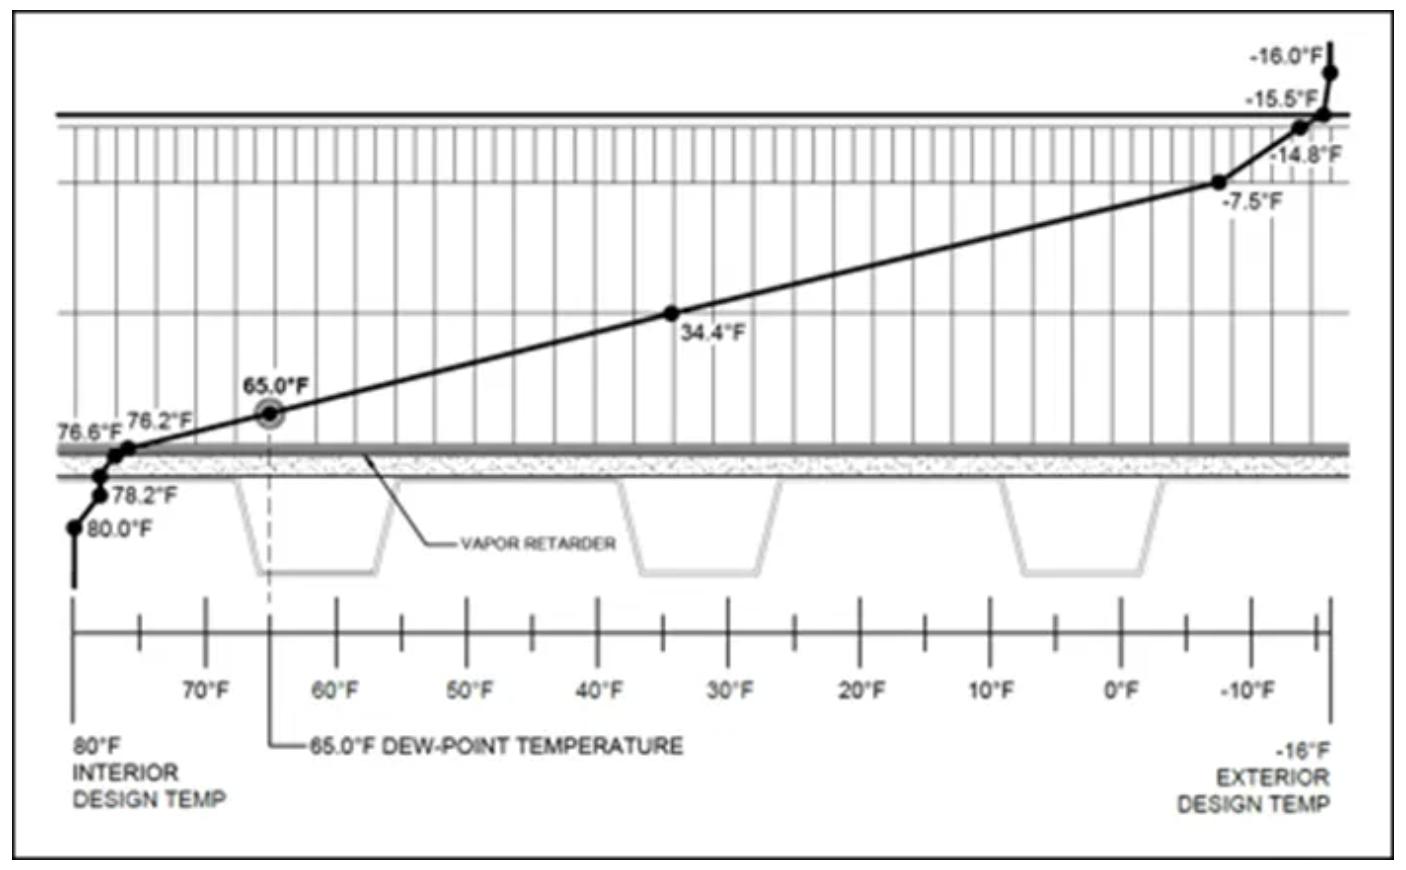 dew-point temperature value